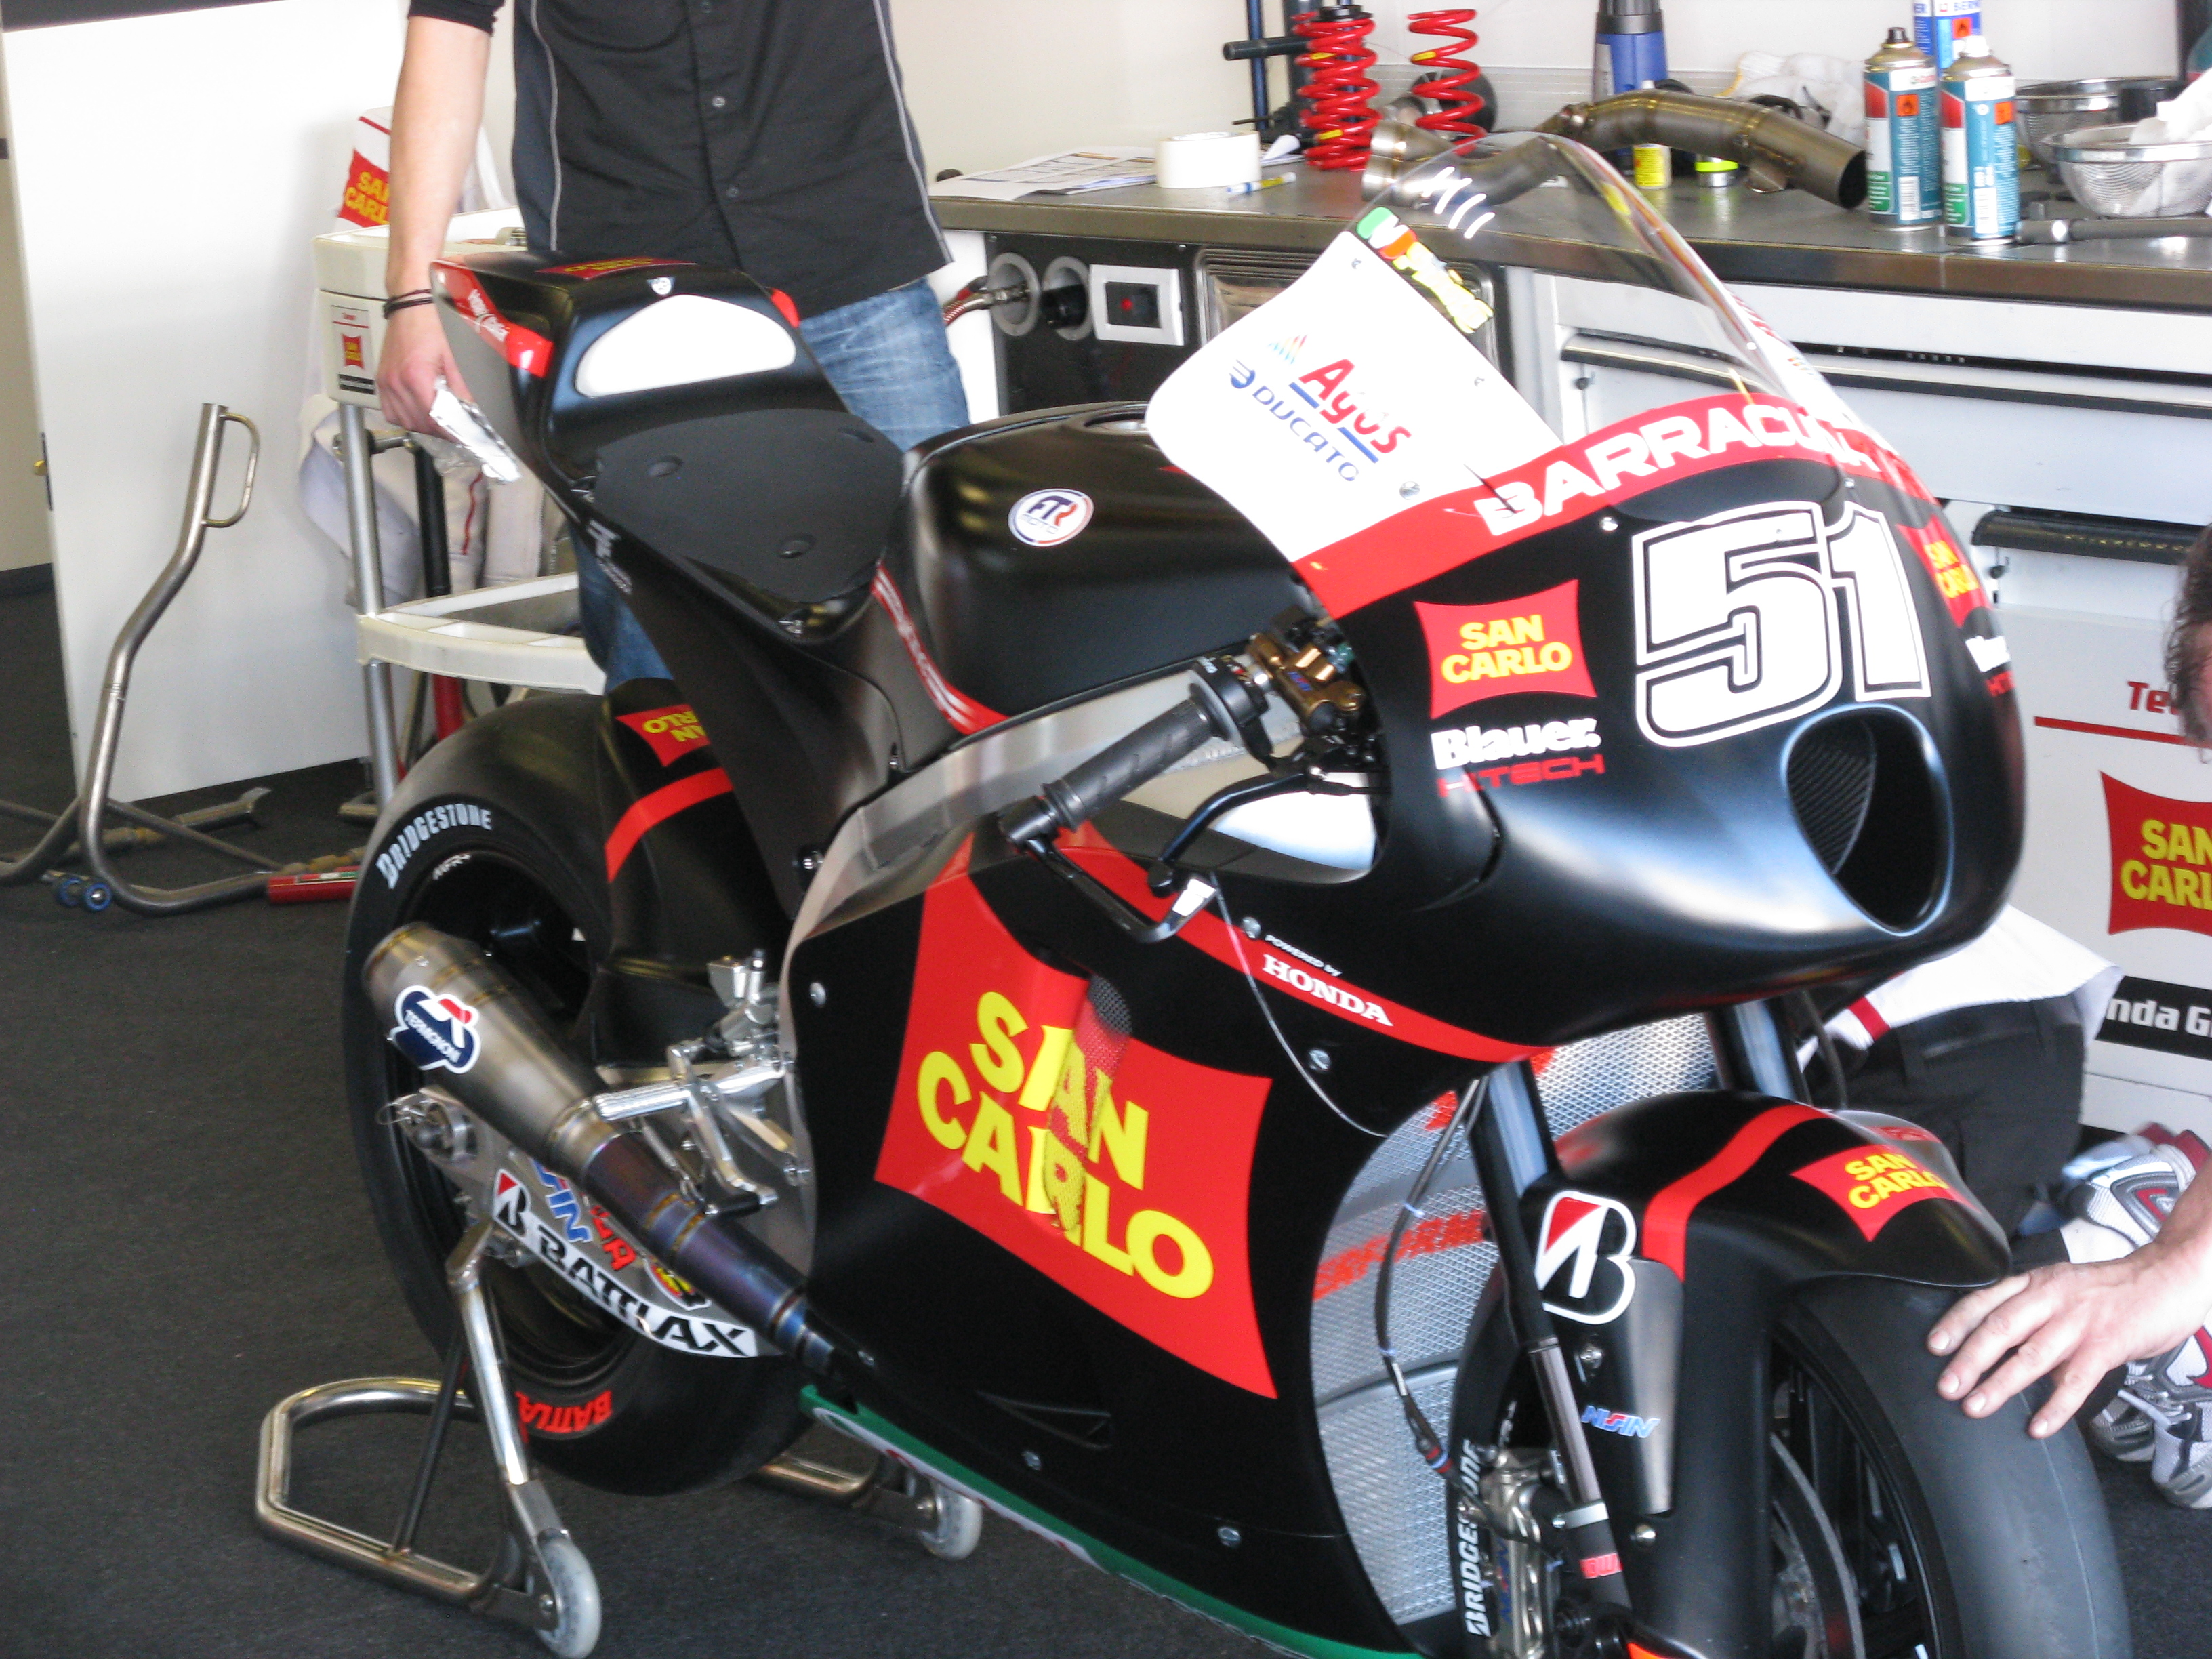 [Moto1] FTR / Honda IMG4414-O